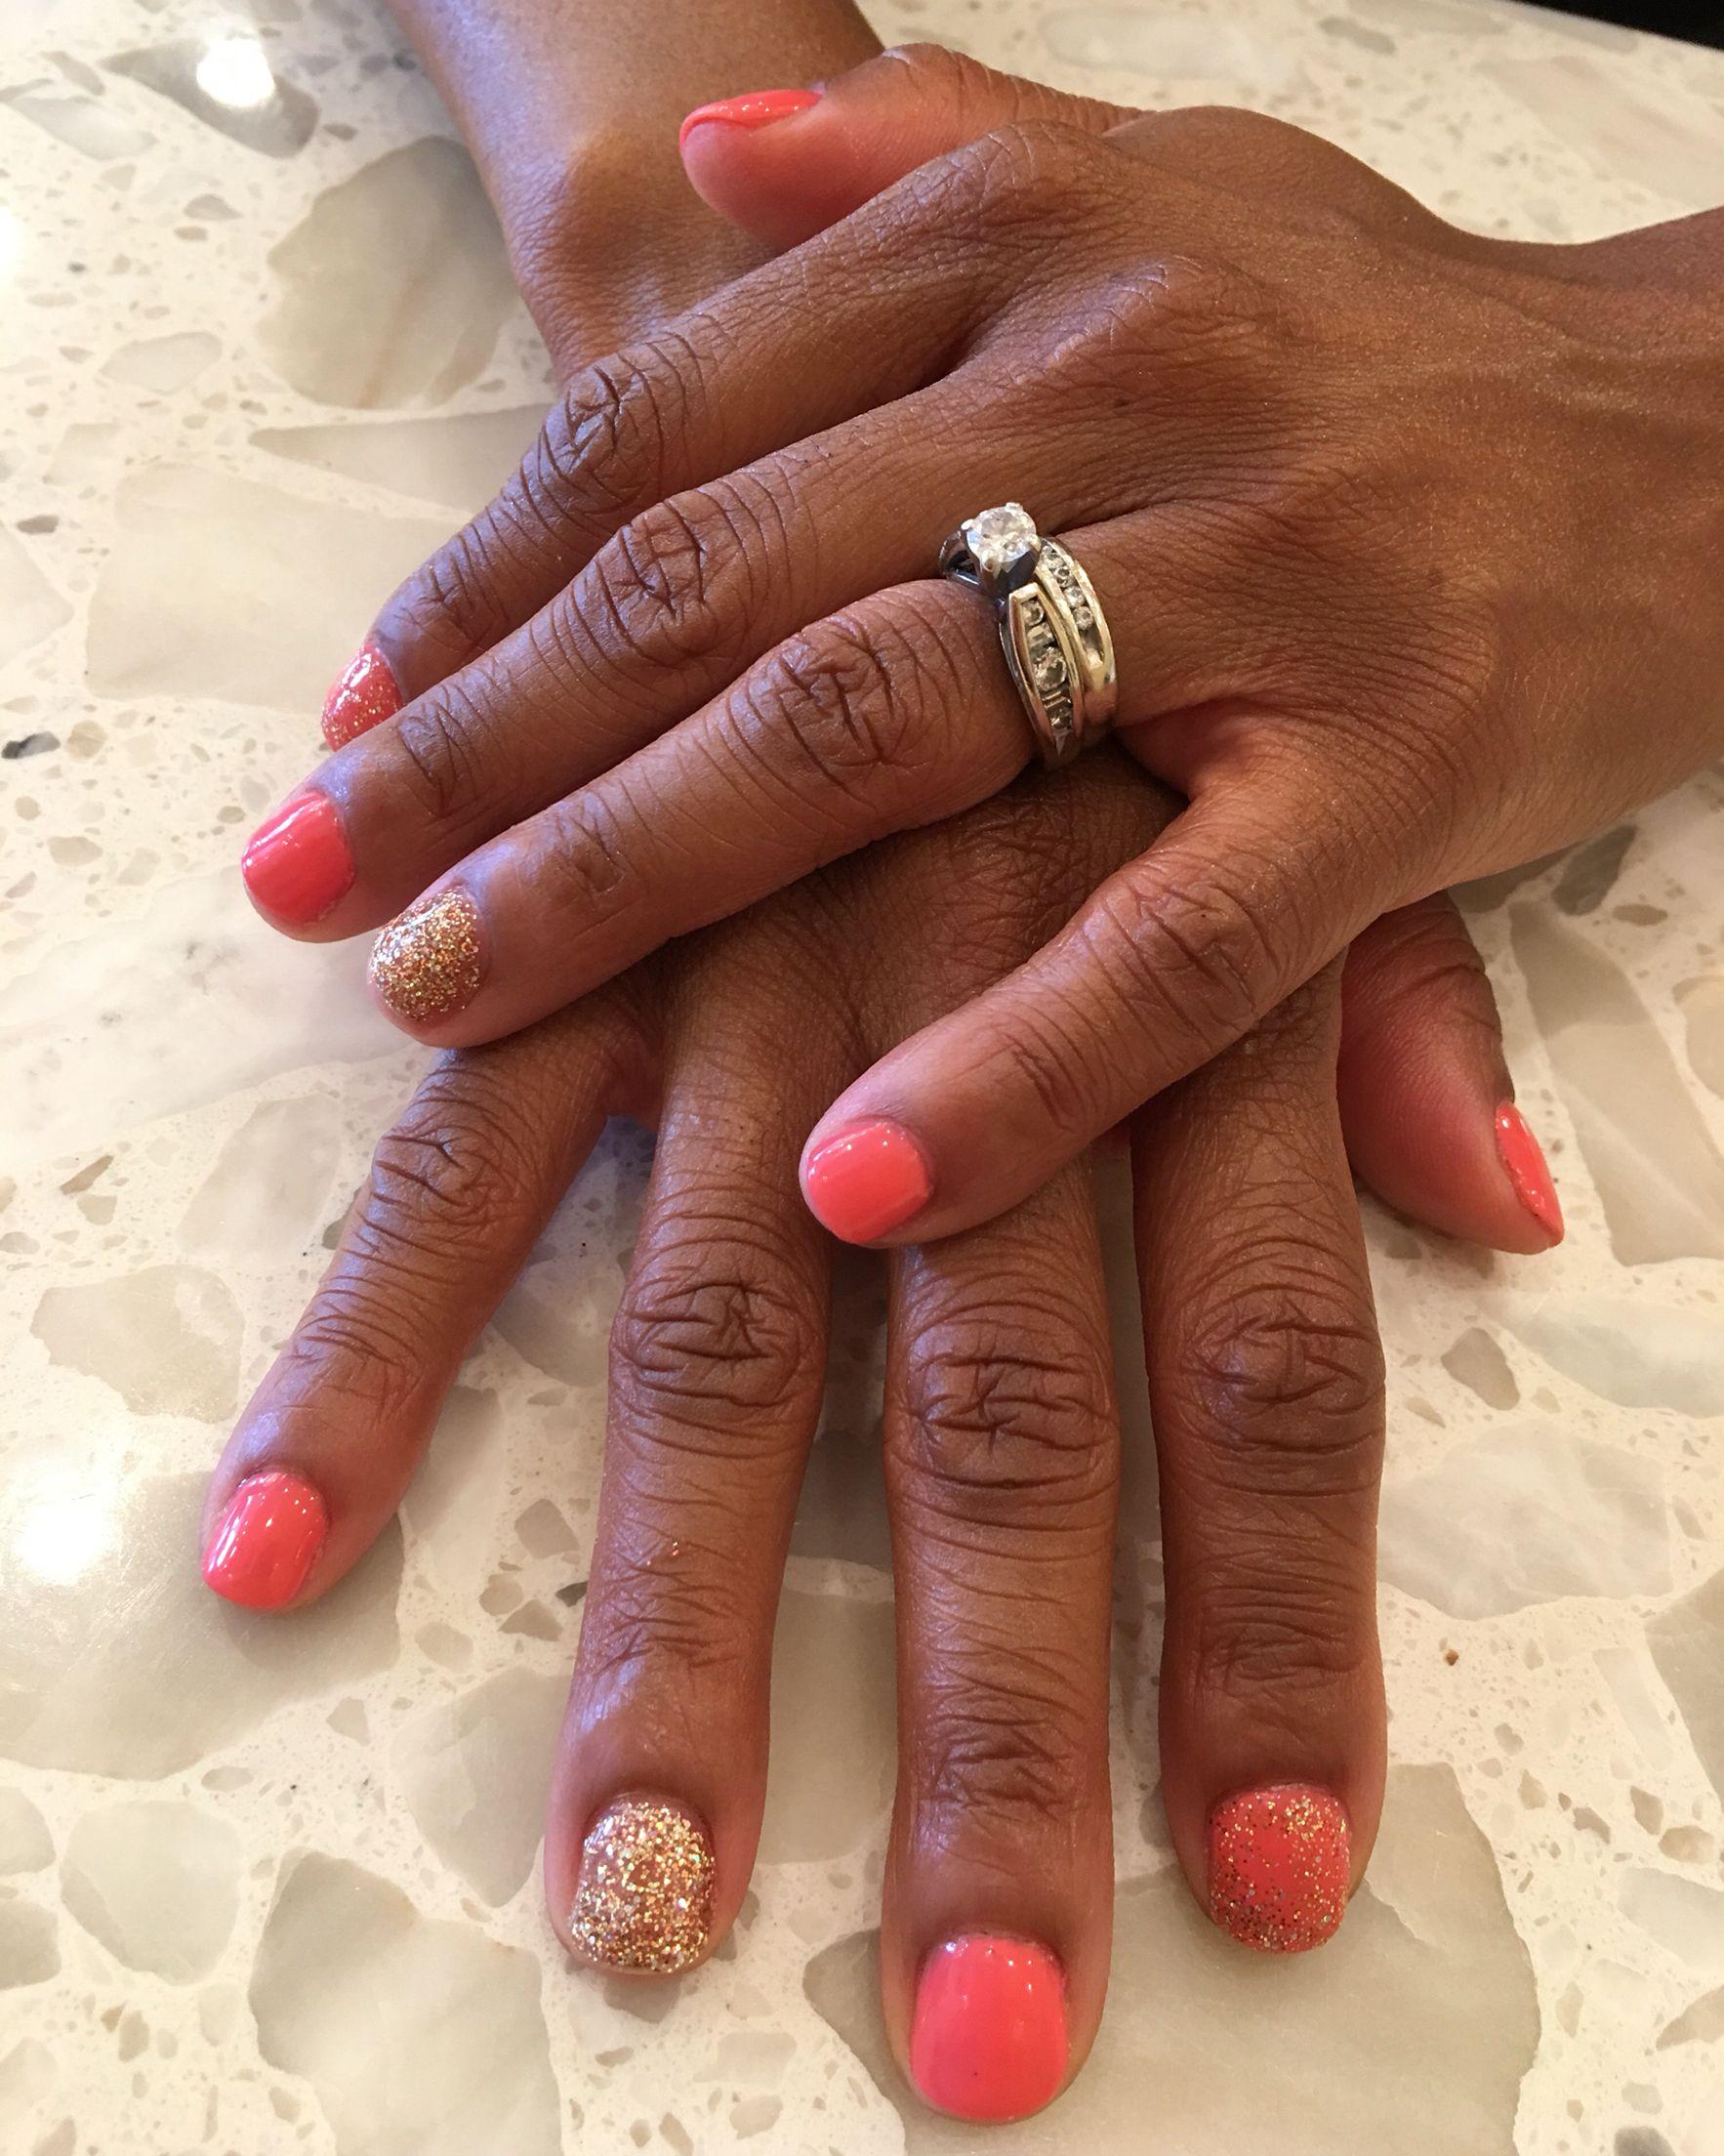 Haylee By Cacee Southwestcharlotte Envynailspaclt Gelnails Gelcolor Gelmani Cacee Envynailspaclt Gel Mani Gel Nails Gel Color